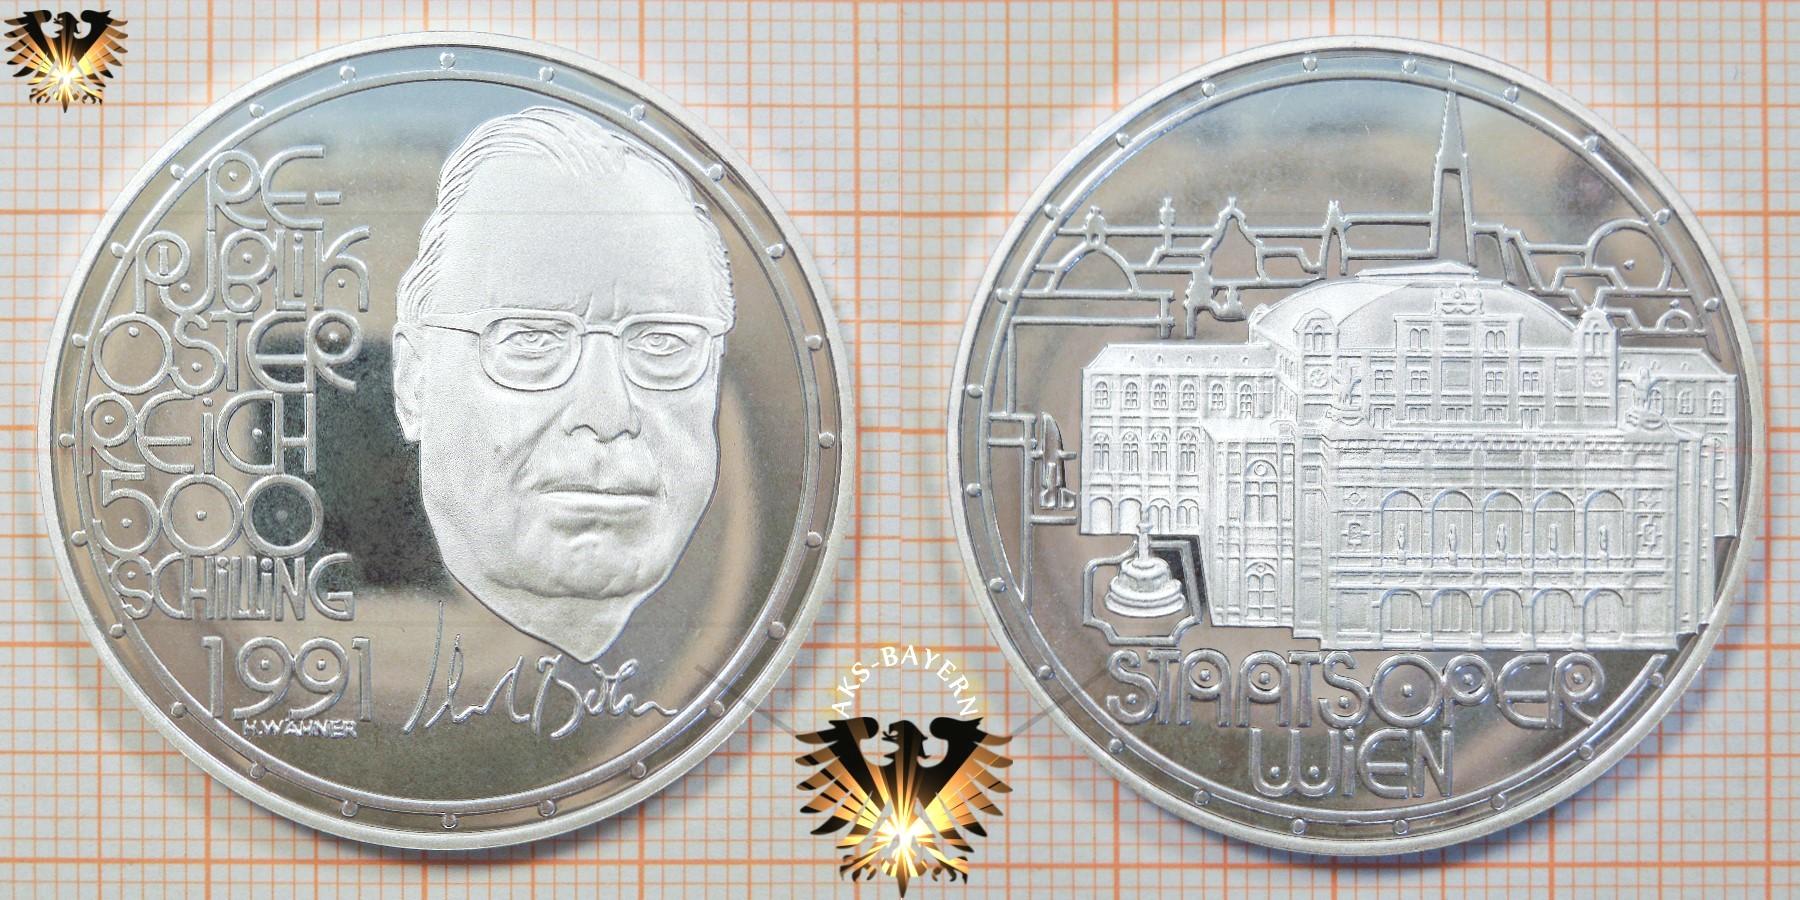 500 Schilling 1991 Karl Böhm Silber österreich